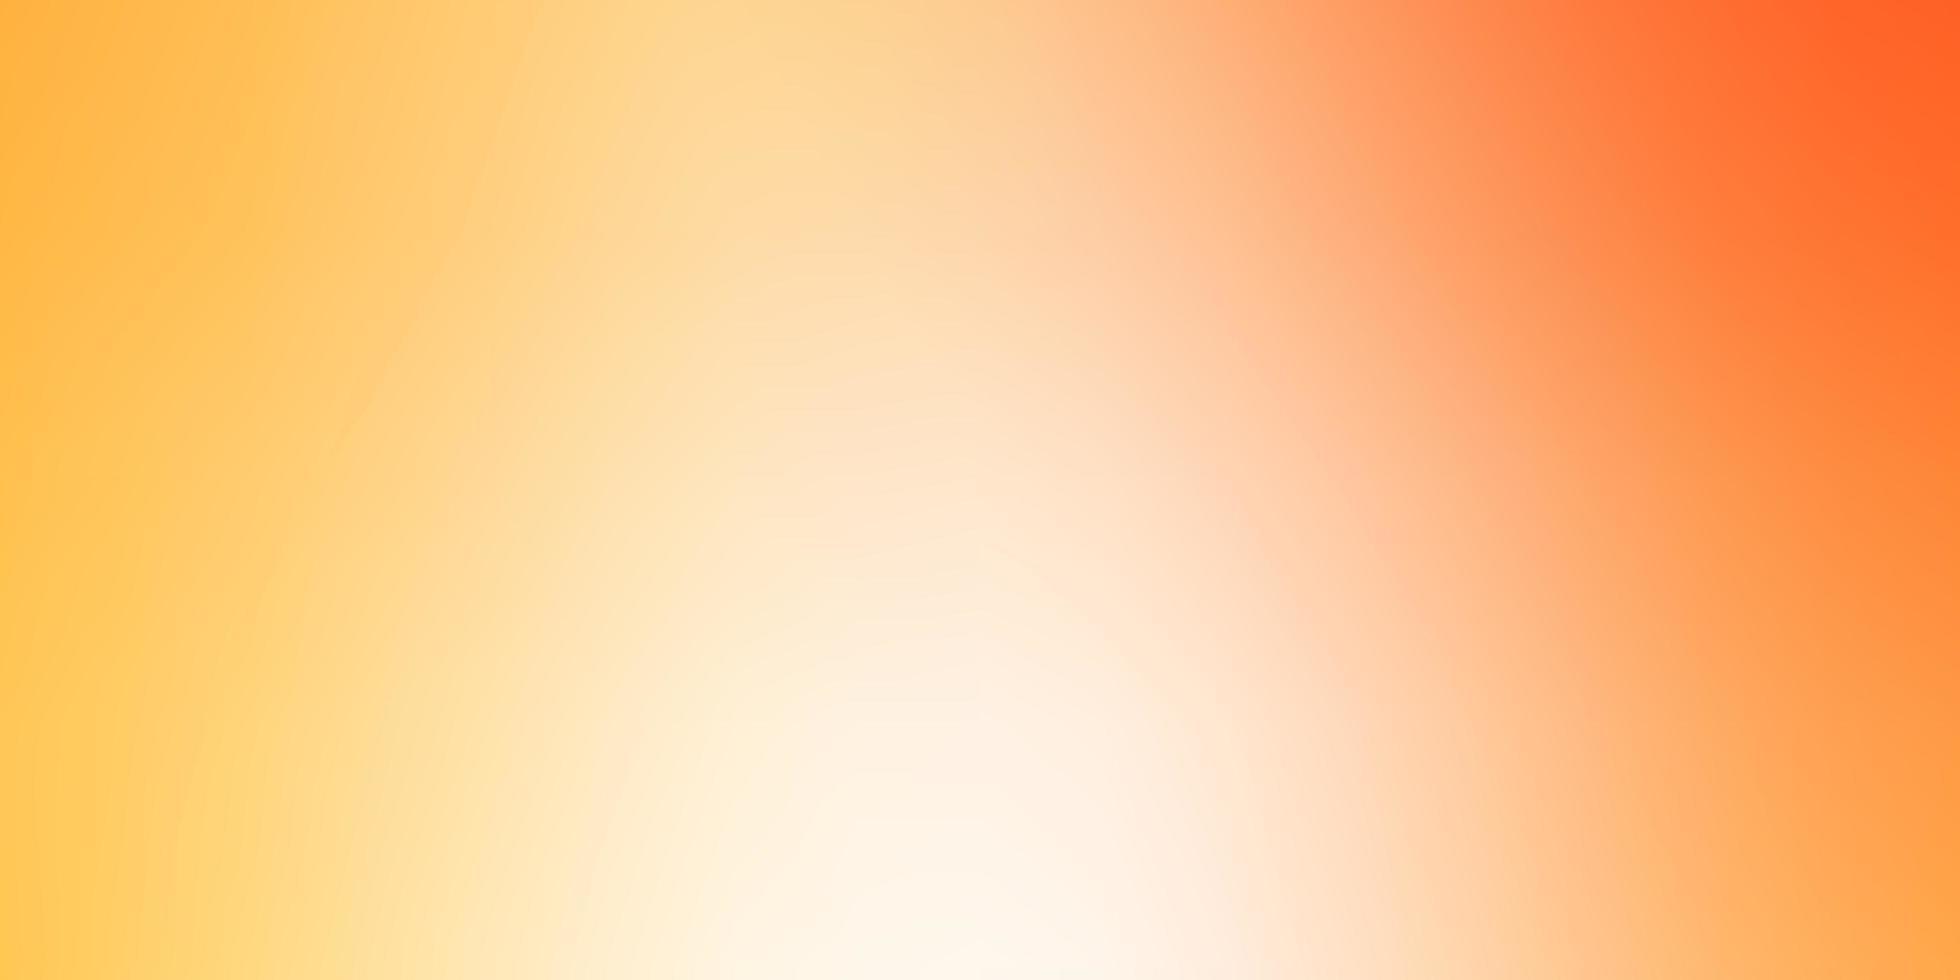 fundo abstrato do vetor laranja claro.